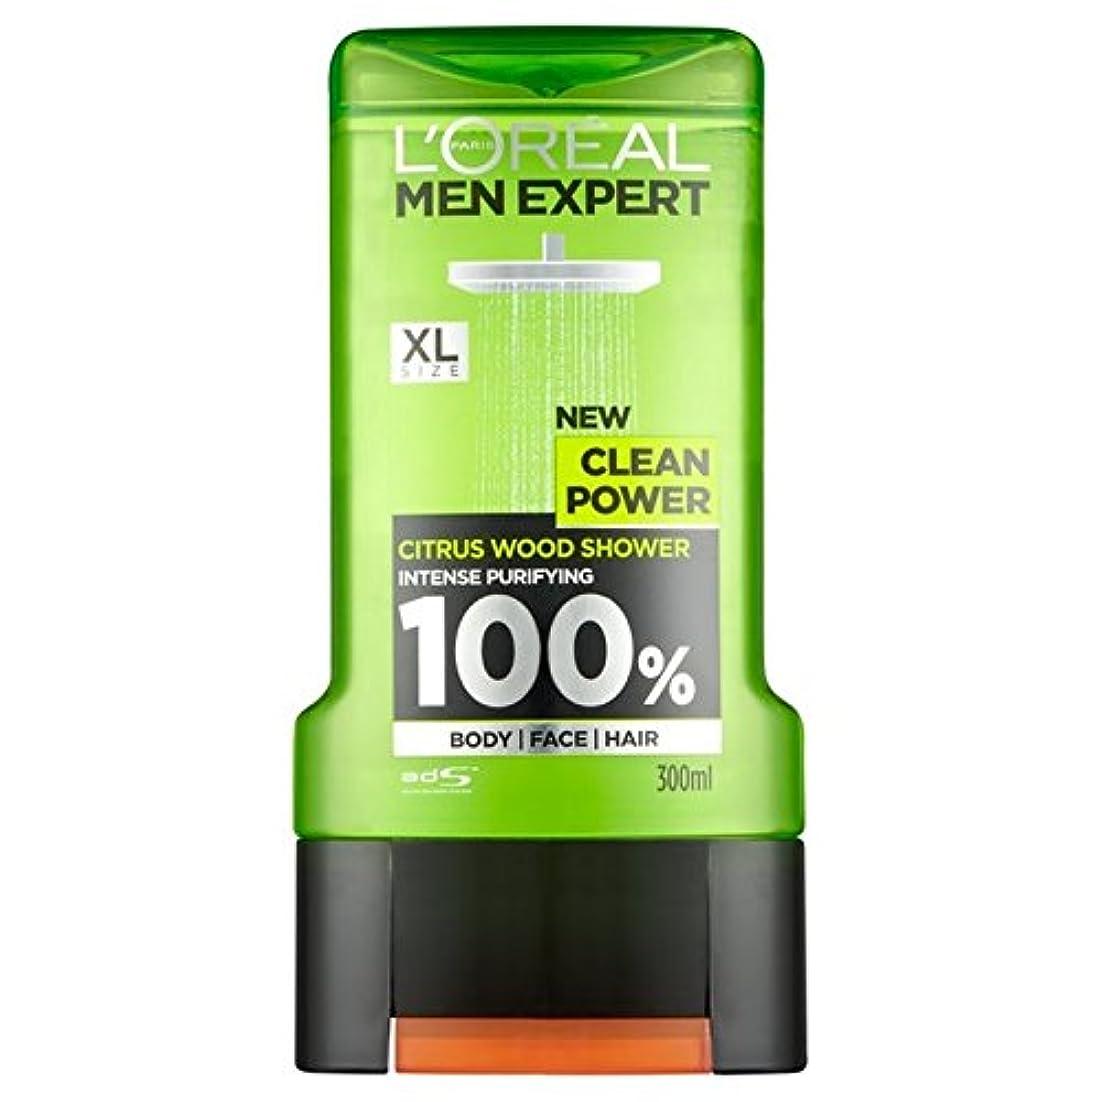 生じる世界的に帳面L'Oreal Paris Men Expert Clean Power Shower Gel 300ml - ロレアルパリの男性の専門家クリーンパワーシャワージェル300ミリリットル [並行輸入品]